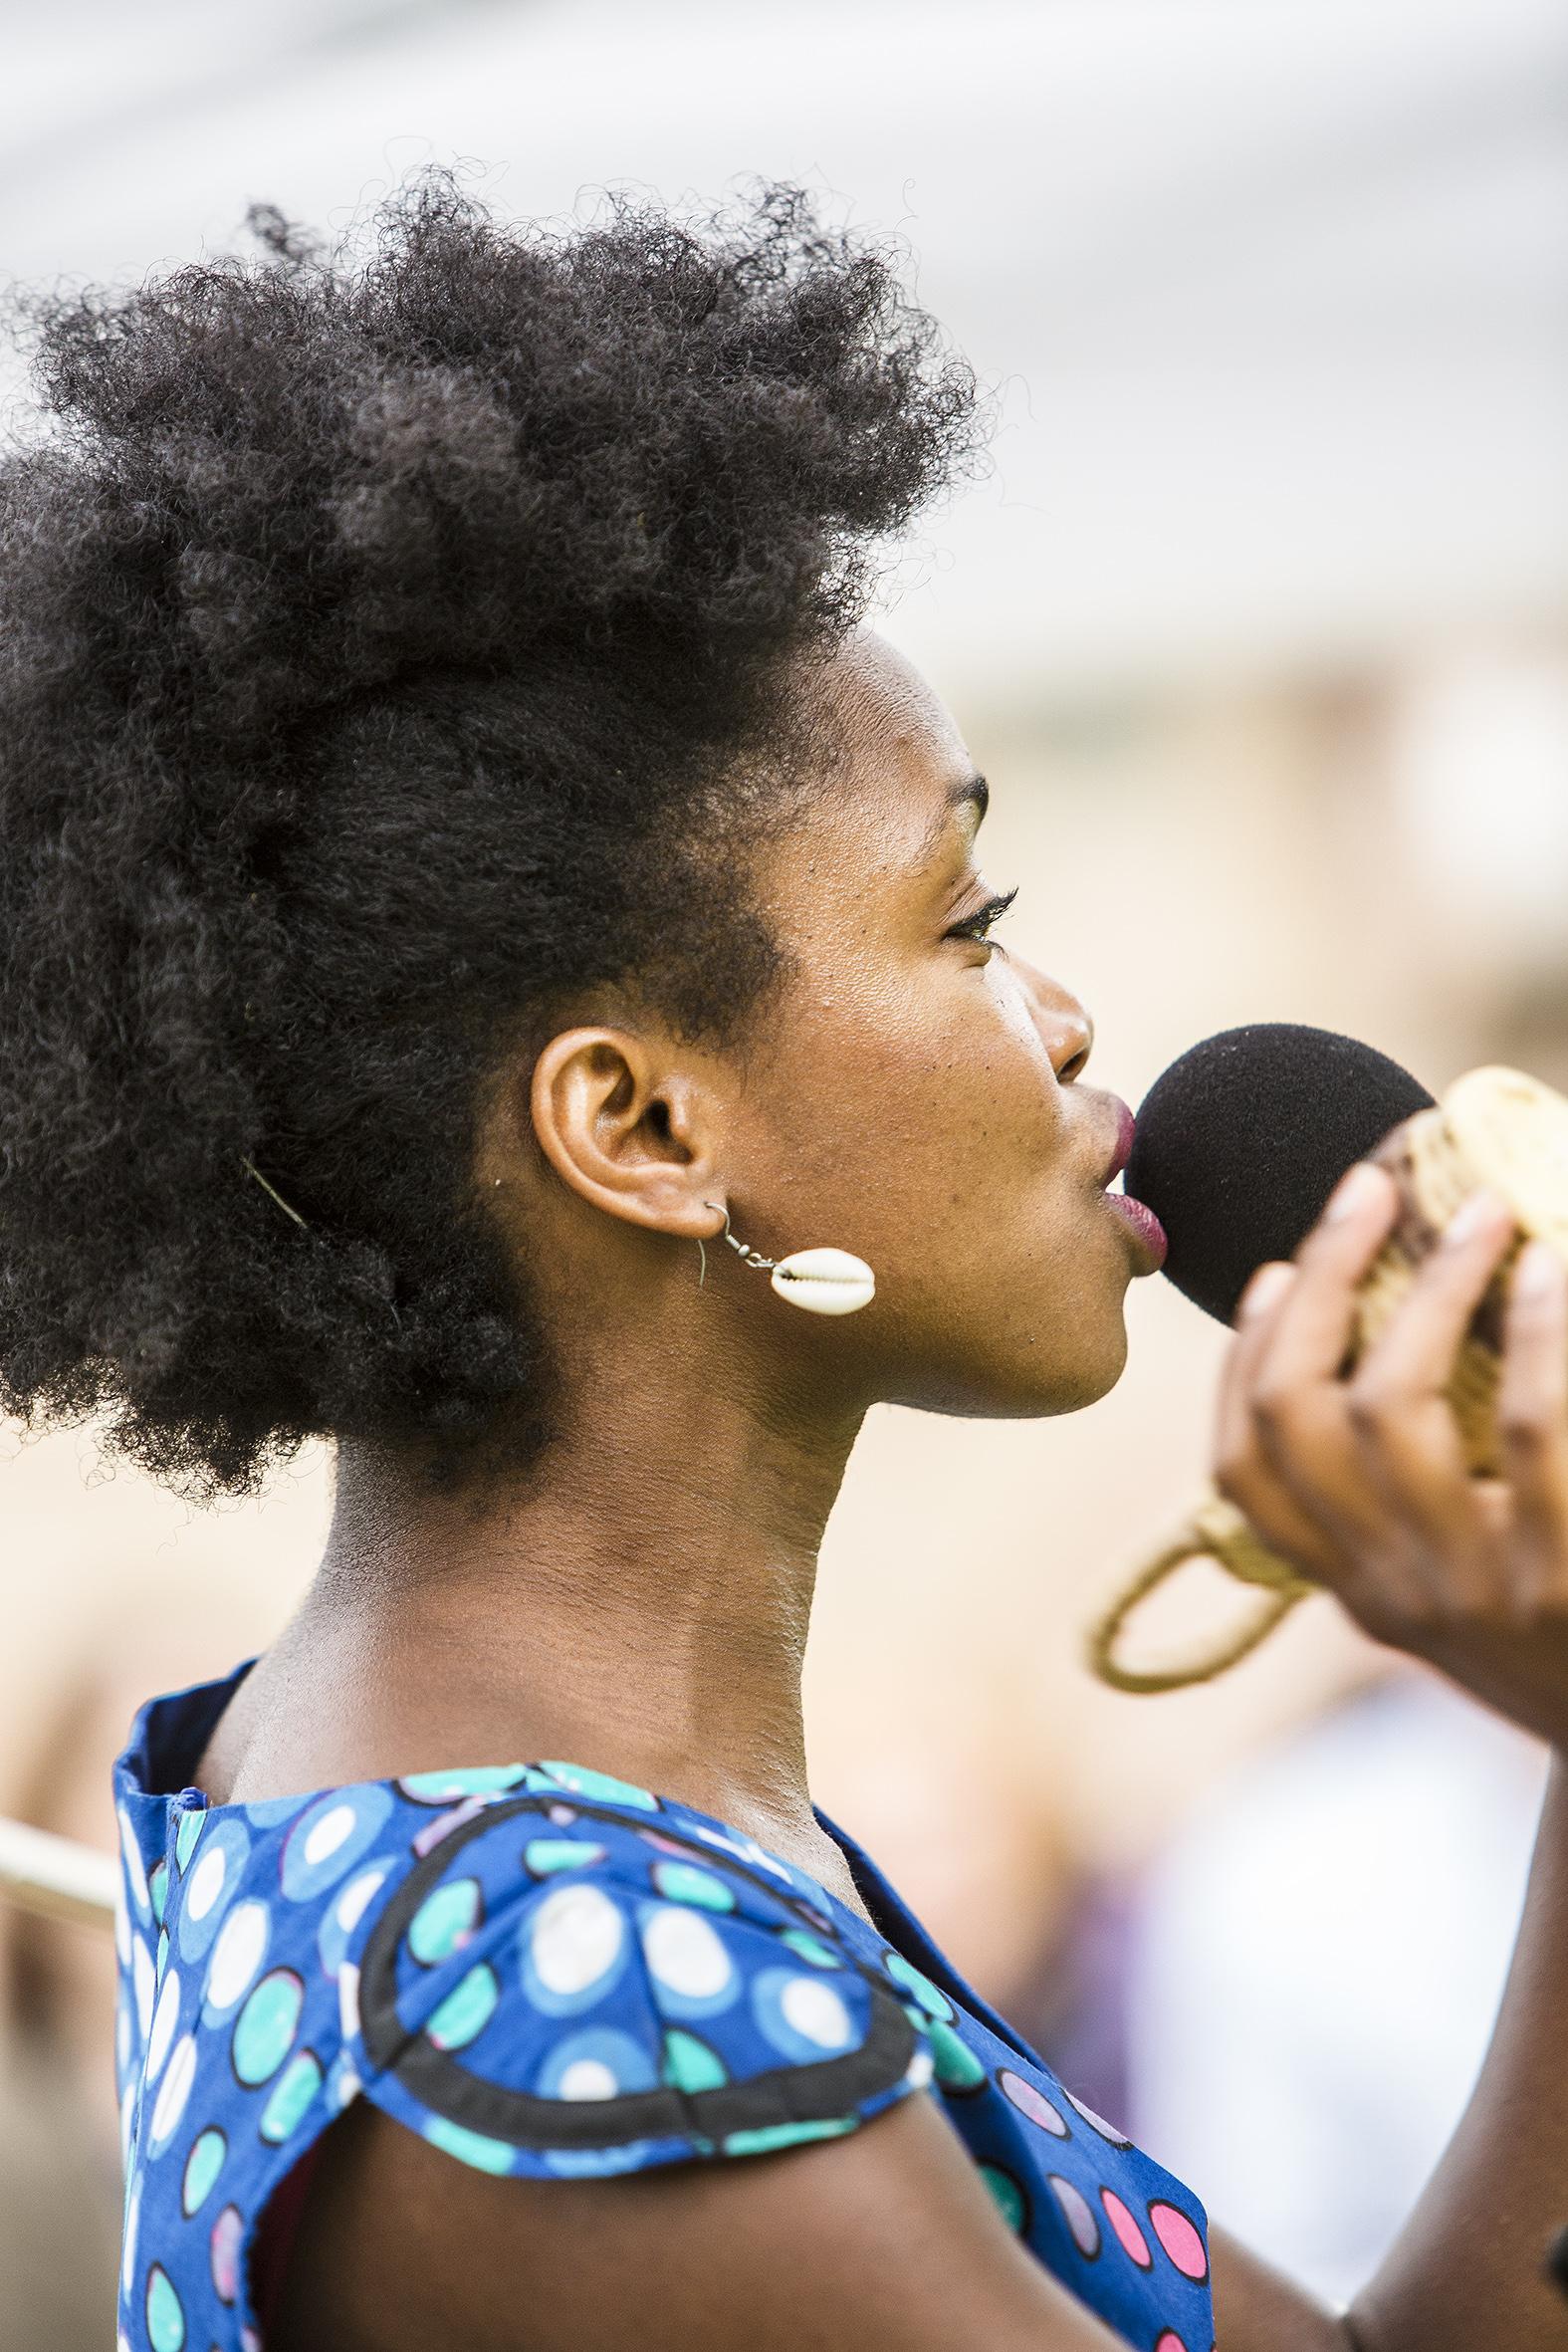 portraits-lucia-carvalho-festival-au-gr+¿s-du-jazz-la-petite-pierre-2015-marie-colette-becker-07